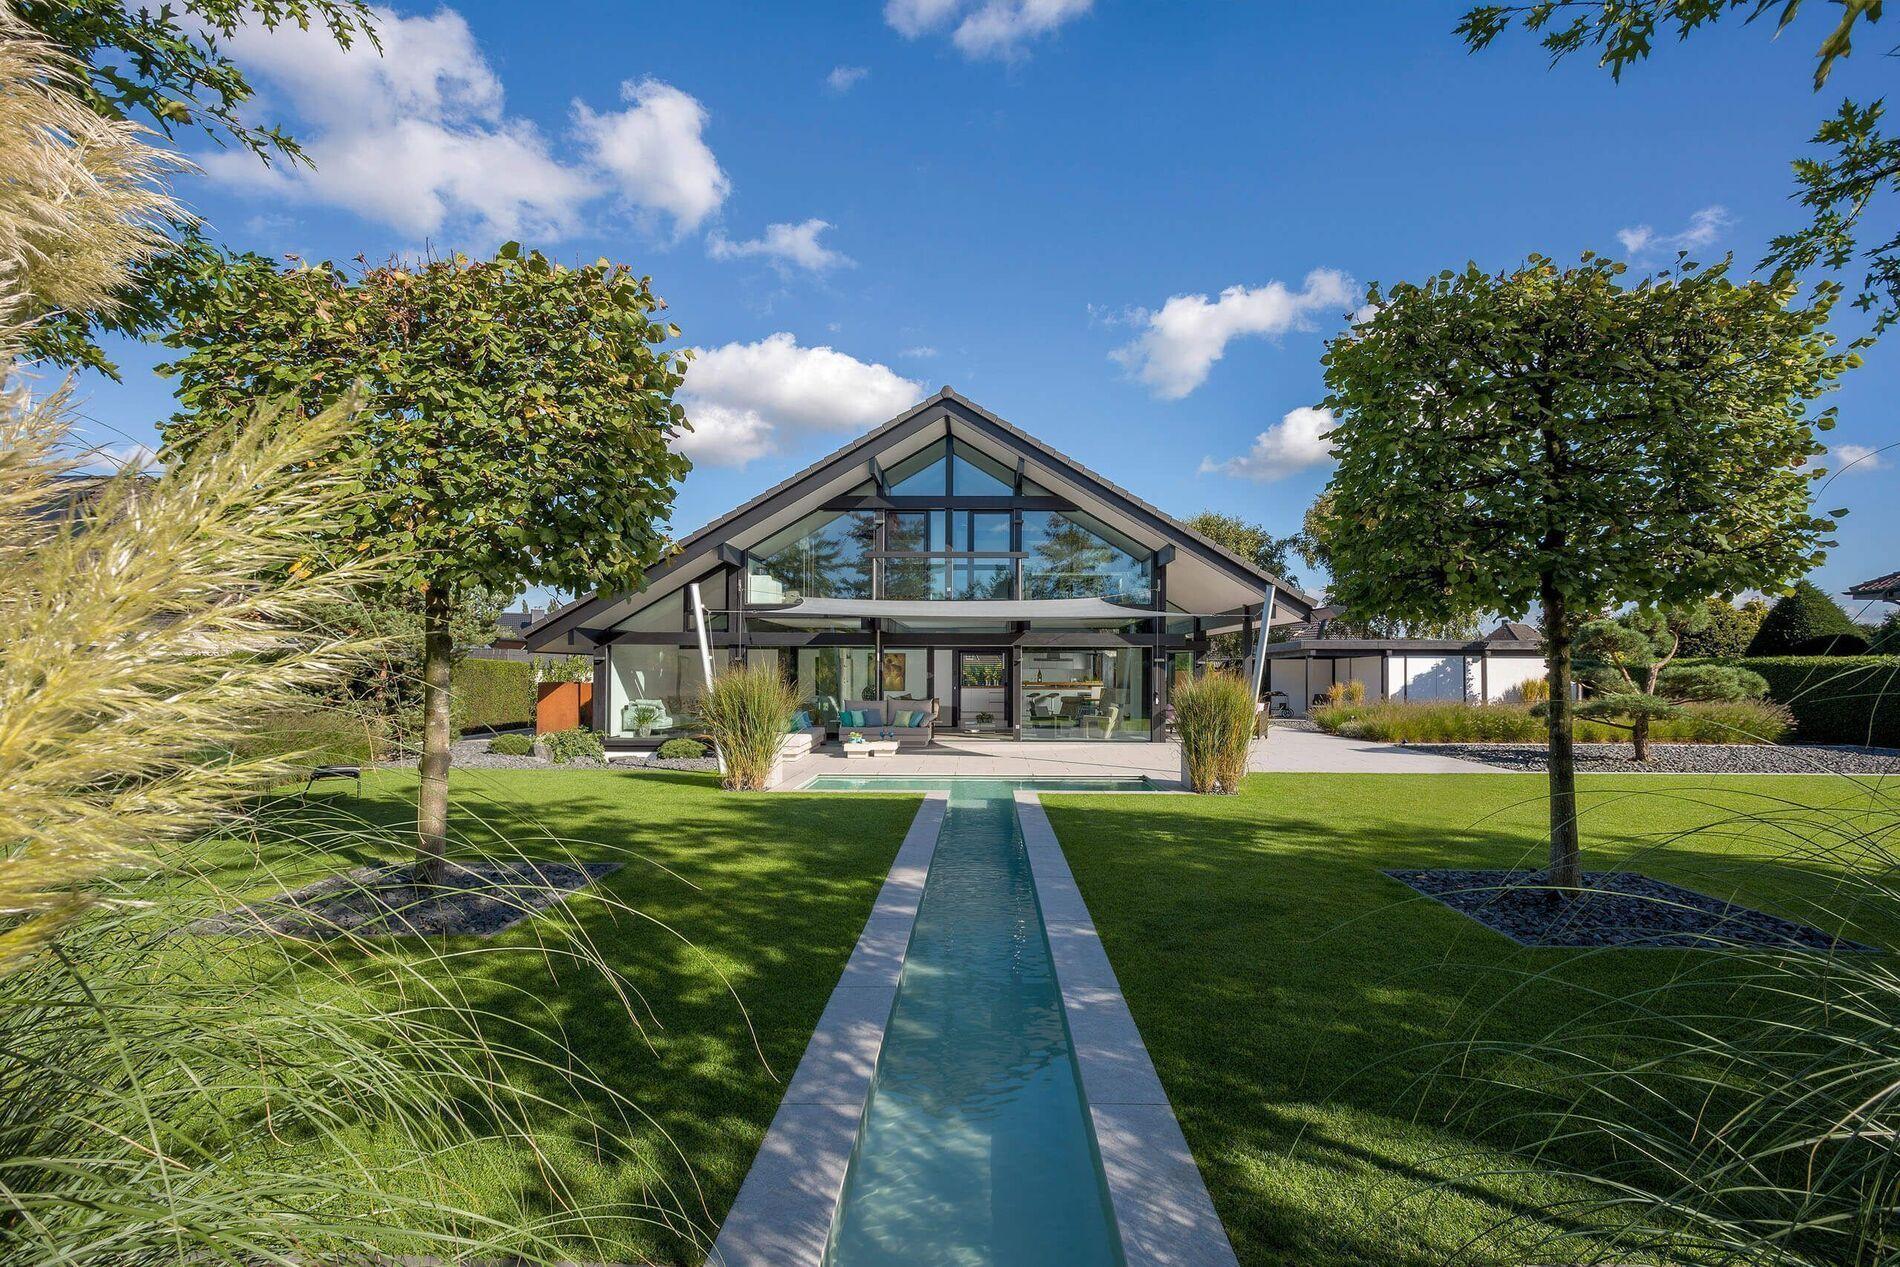 Huf Haus Hartenfels moderne fachwerkhäuser aus holz und glas - das original